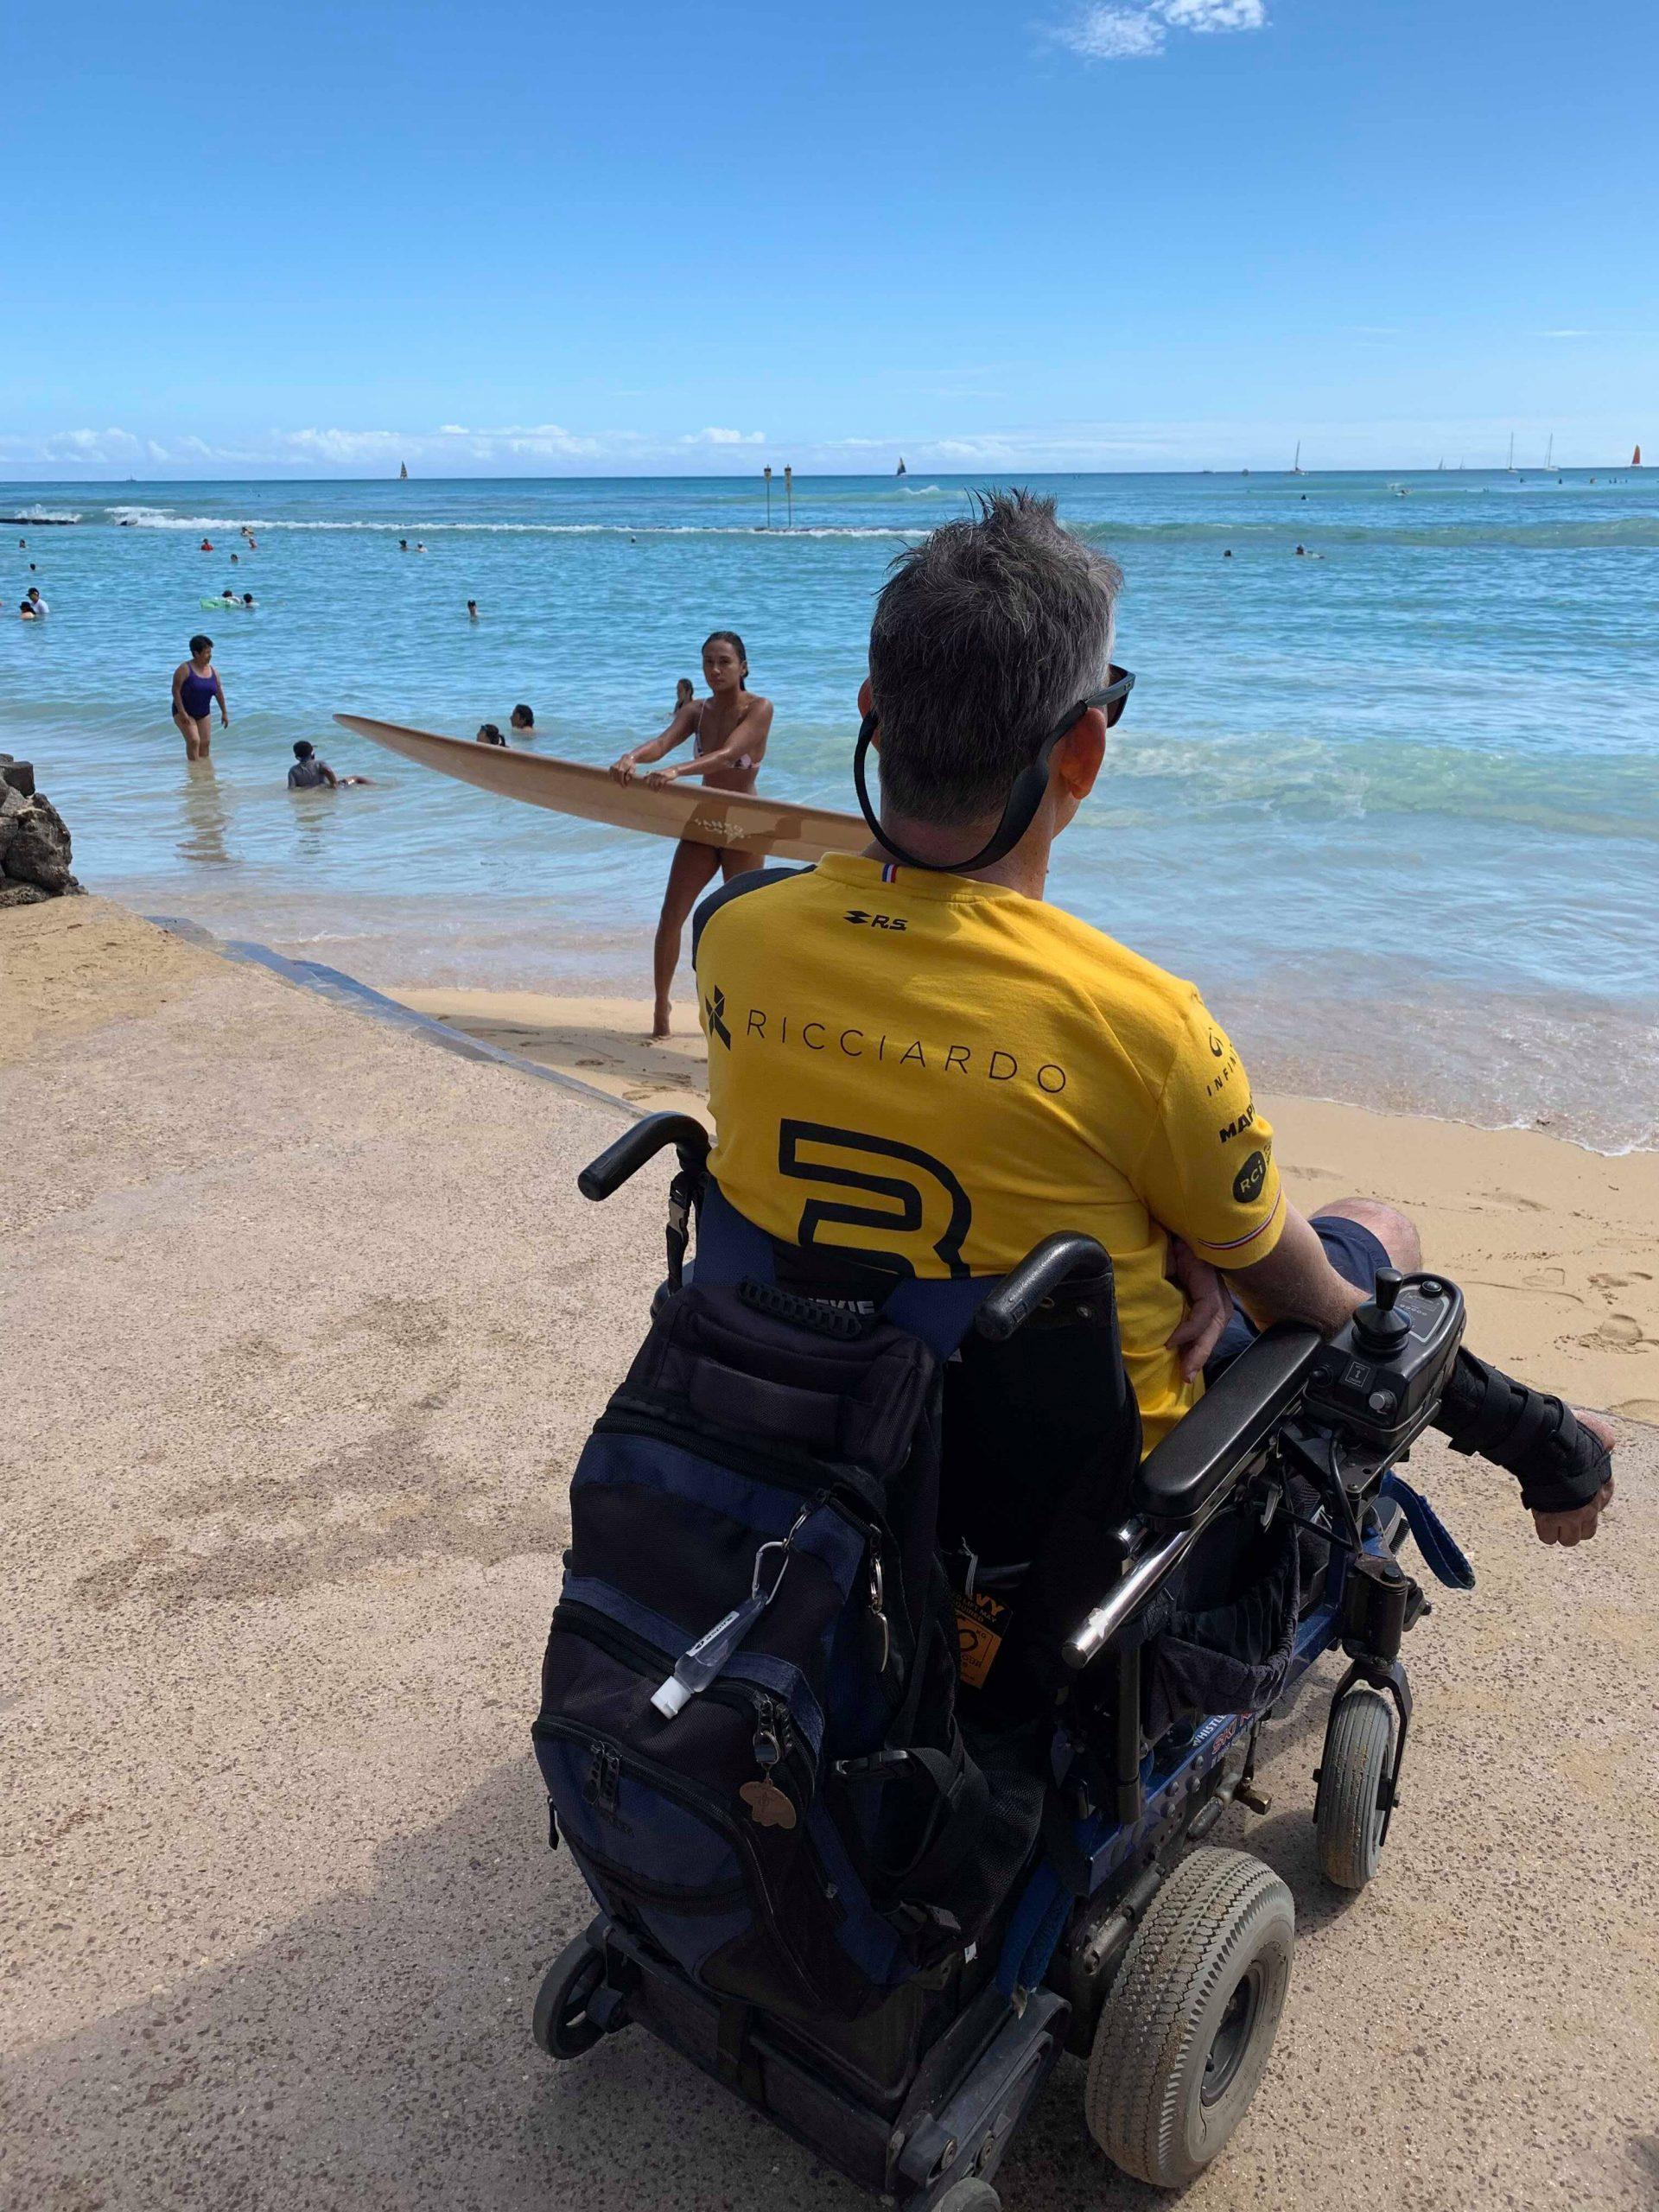 Rollin' into the waves, Hawaiian style